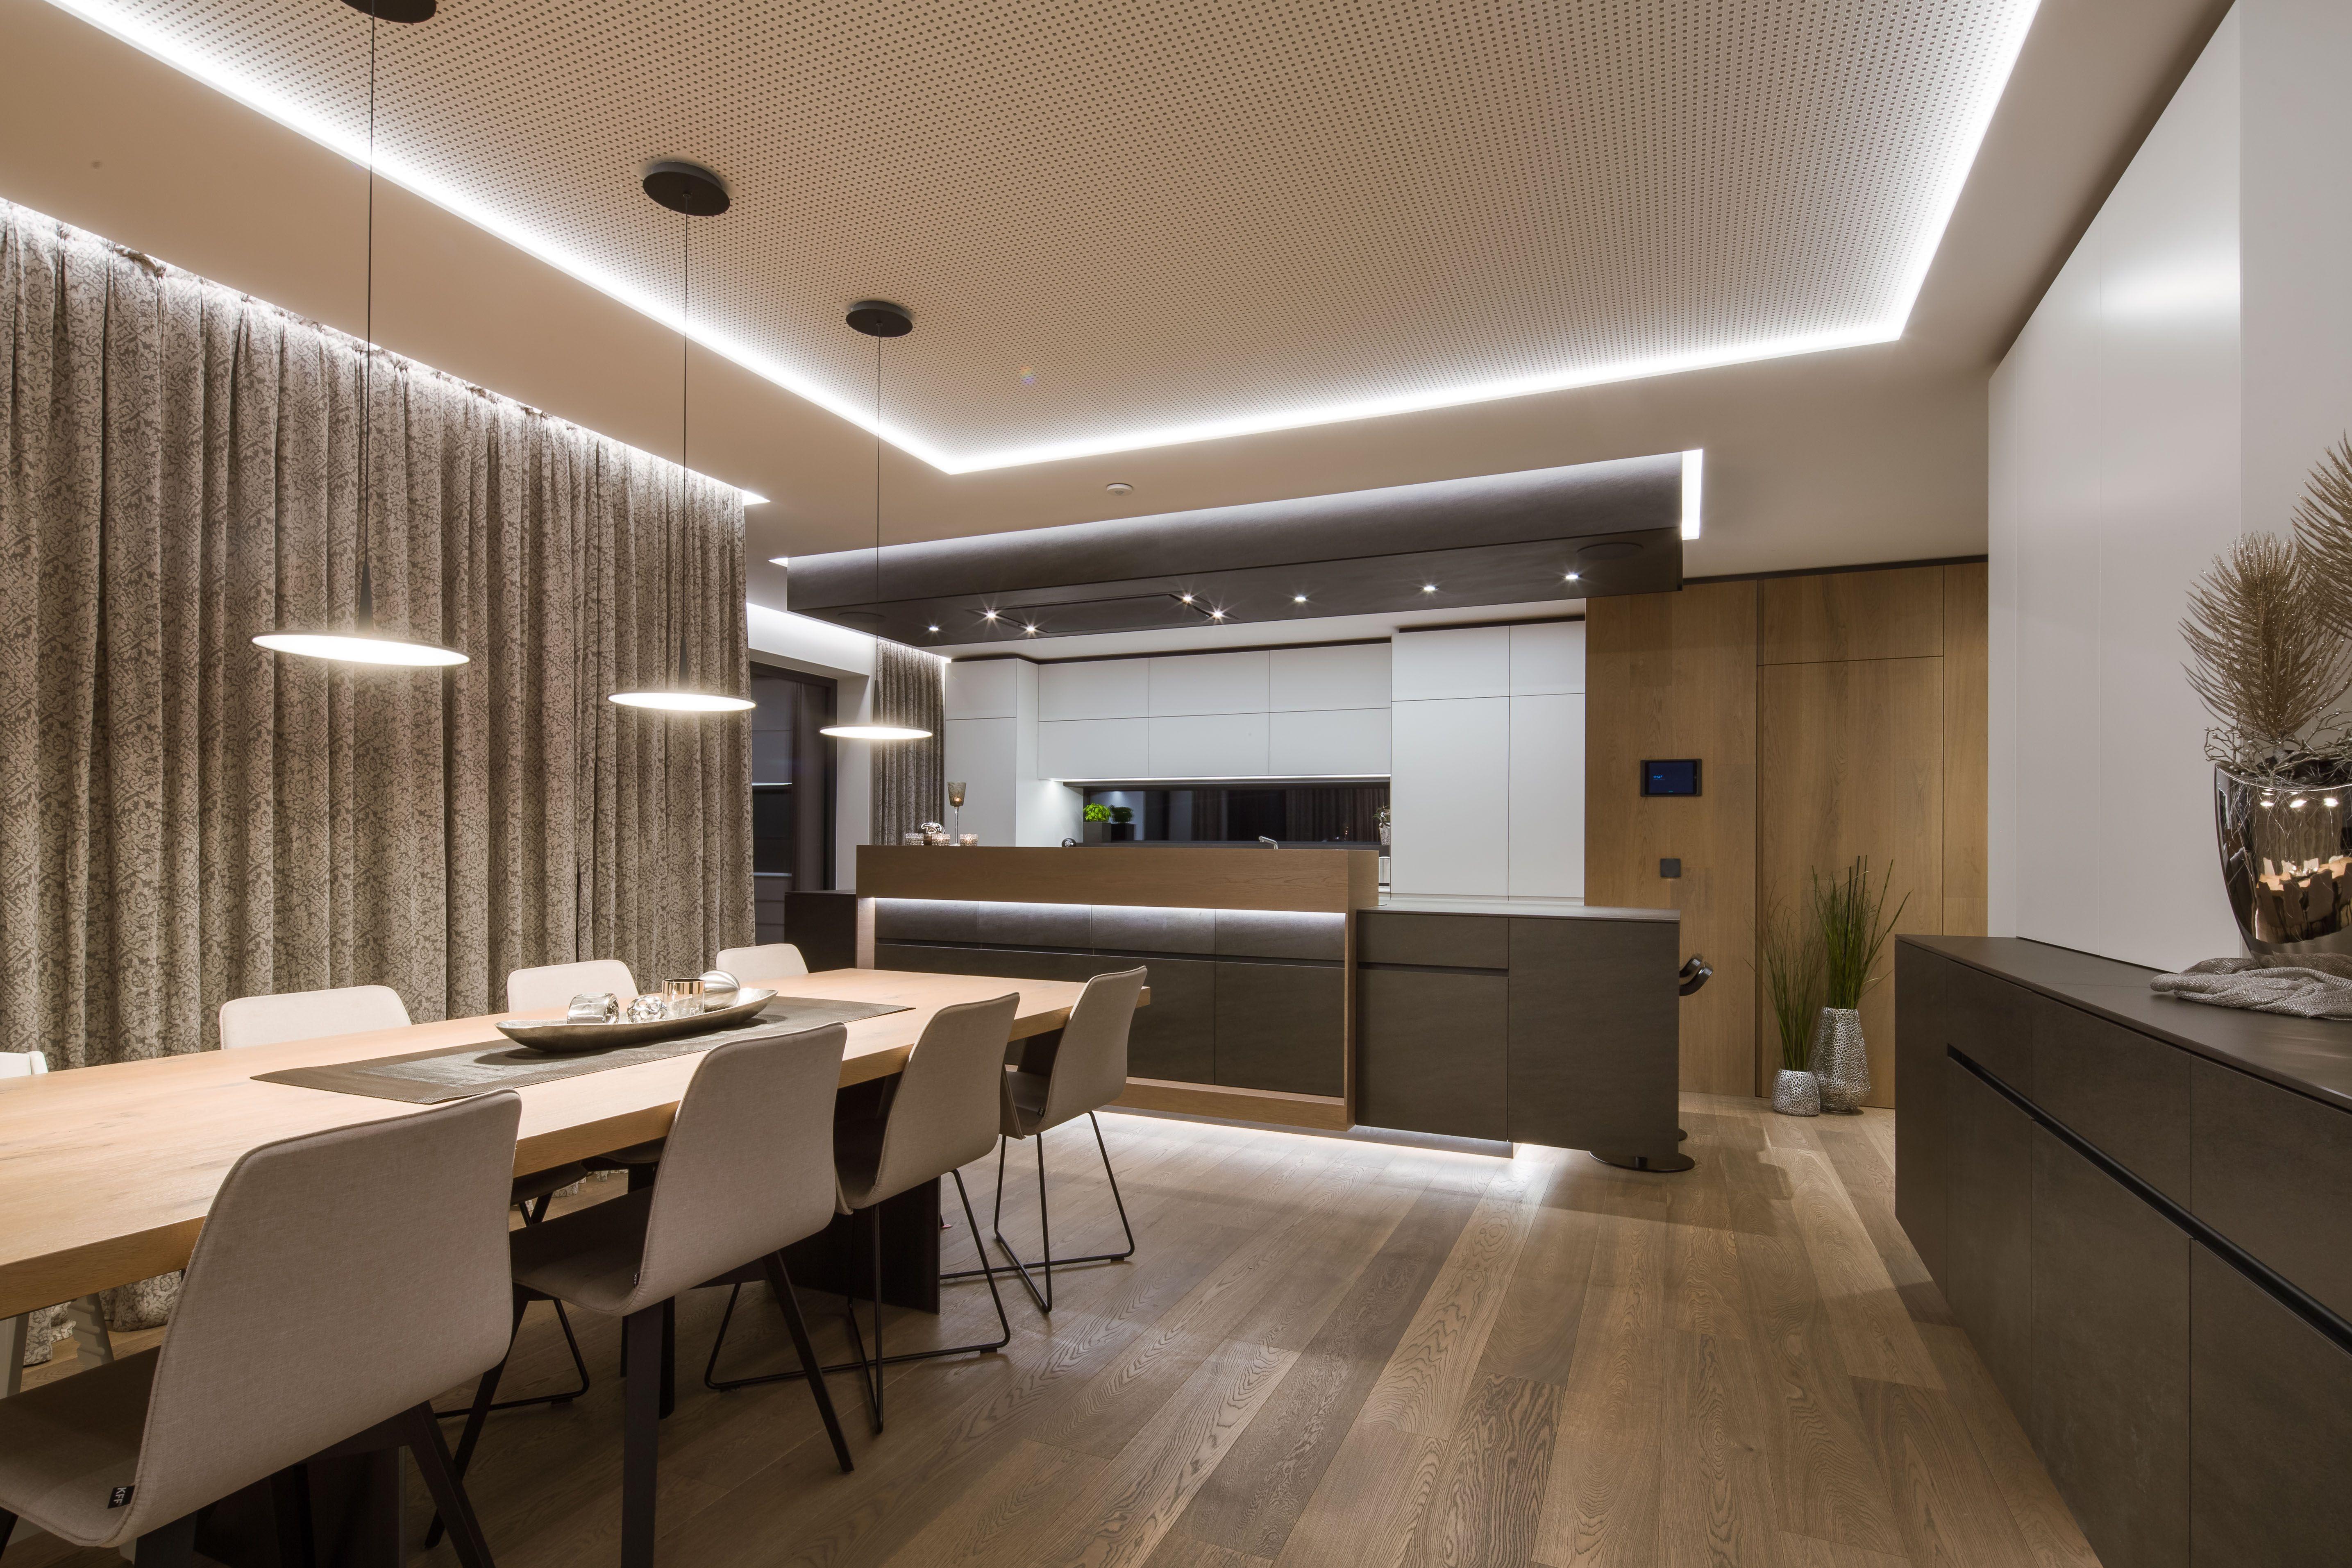 lichtplanung mit der umfassenden licht l sung von loxone smart home inspiration k che. Black Bedroom Furniture Sets. Home Design Ideas